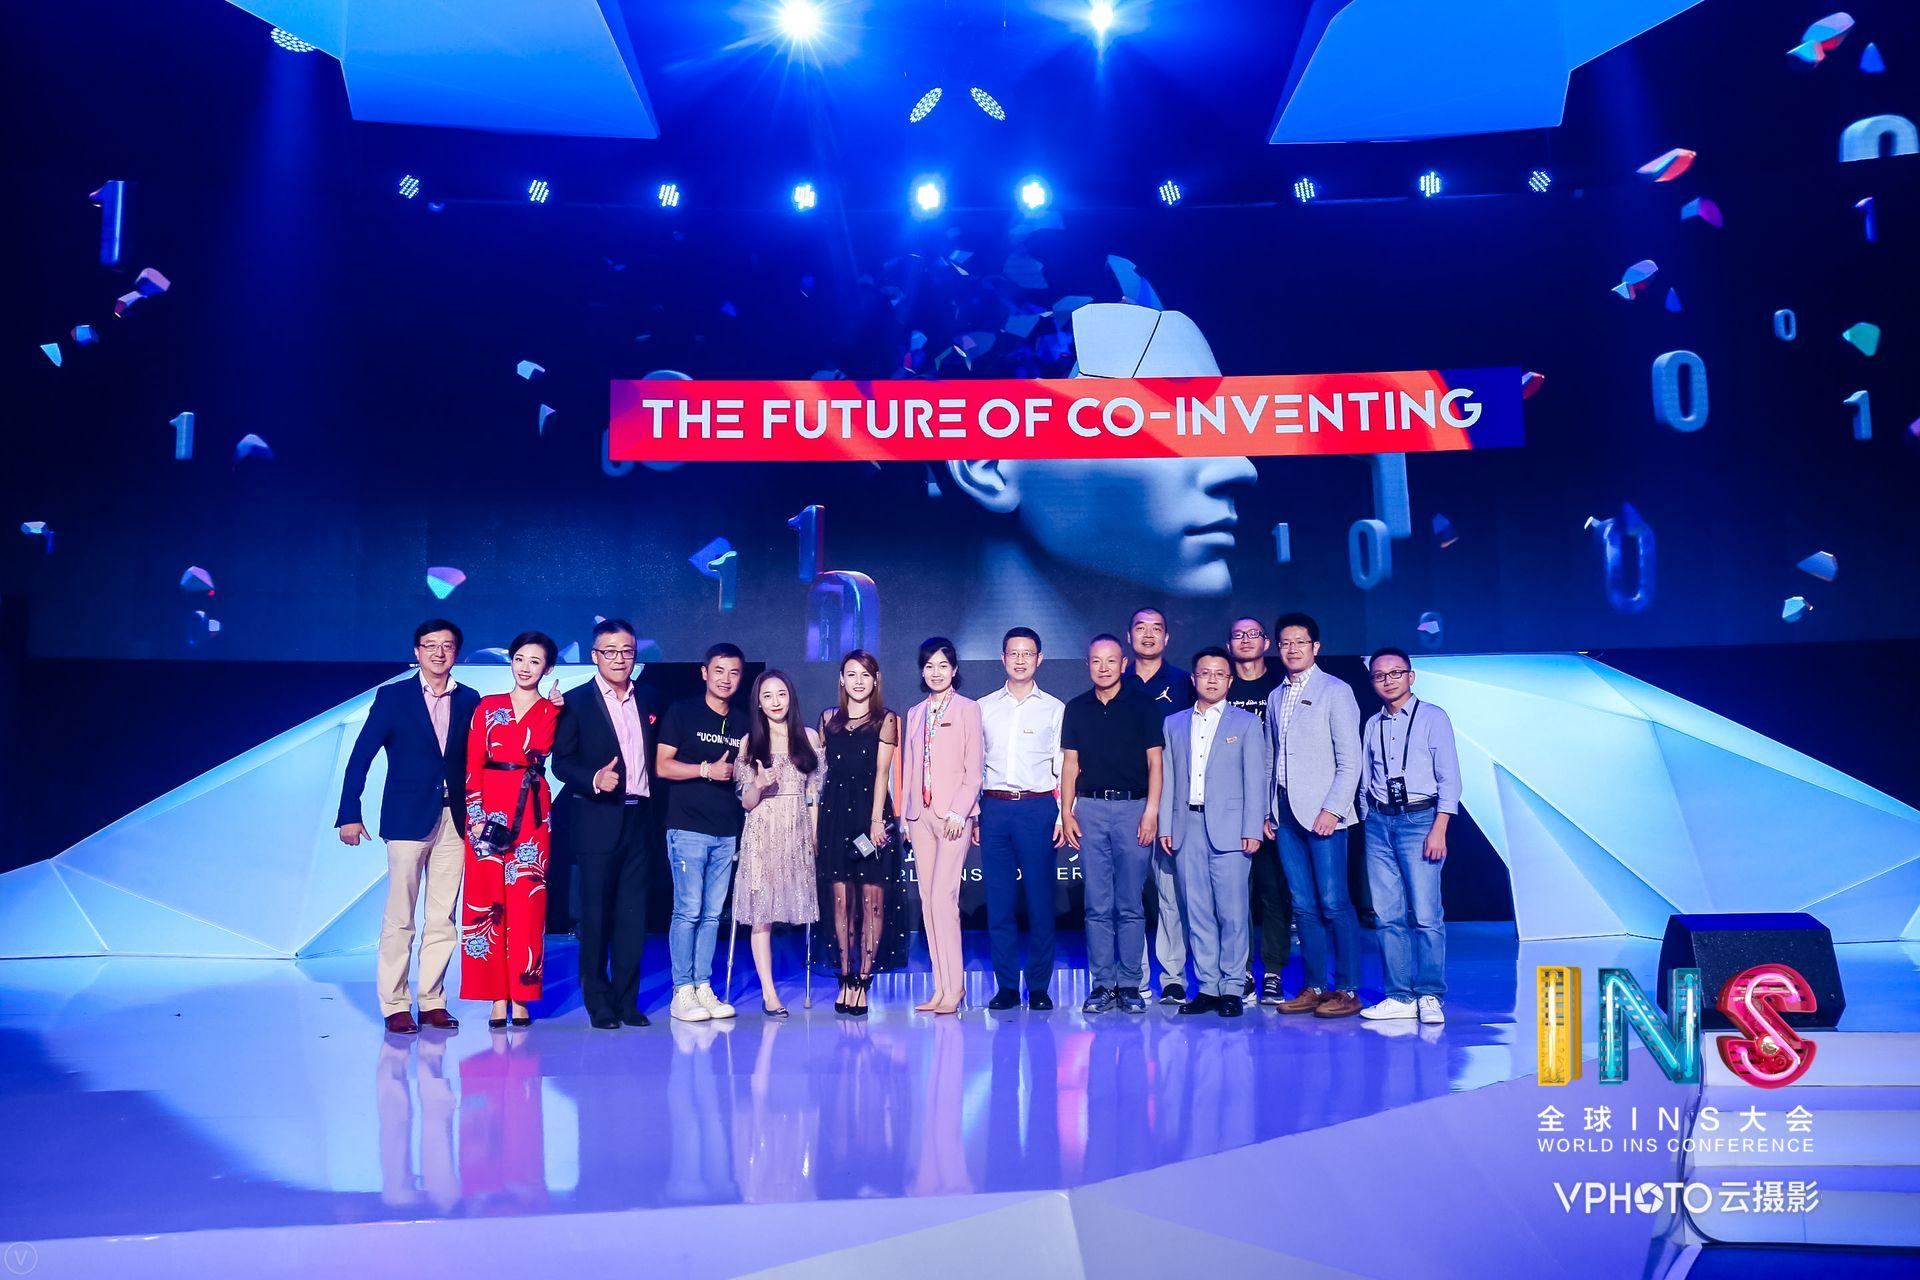 全球INS大会震撼开幕 《2018联合想象-未来趋势报告》首发-中国网地产